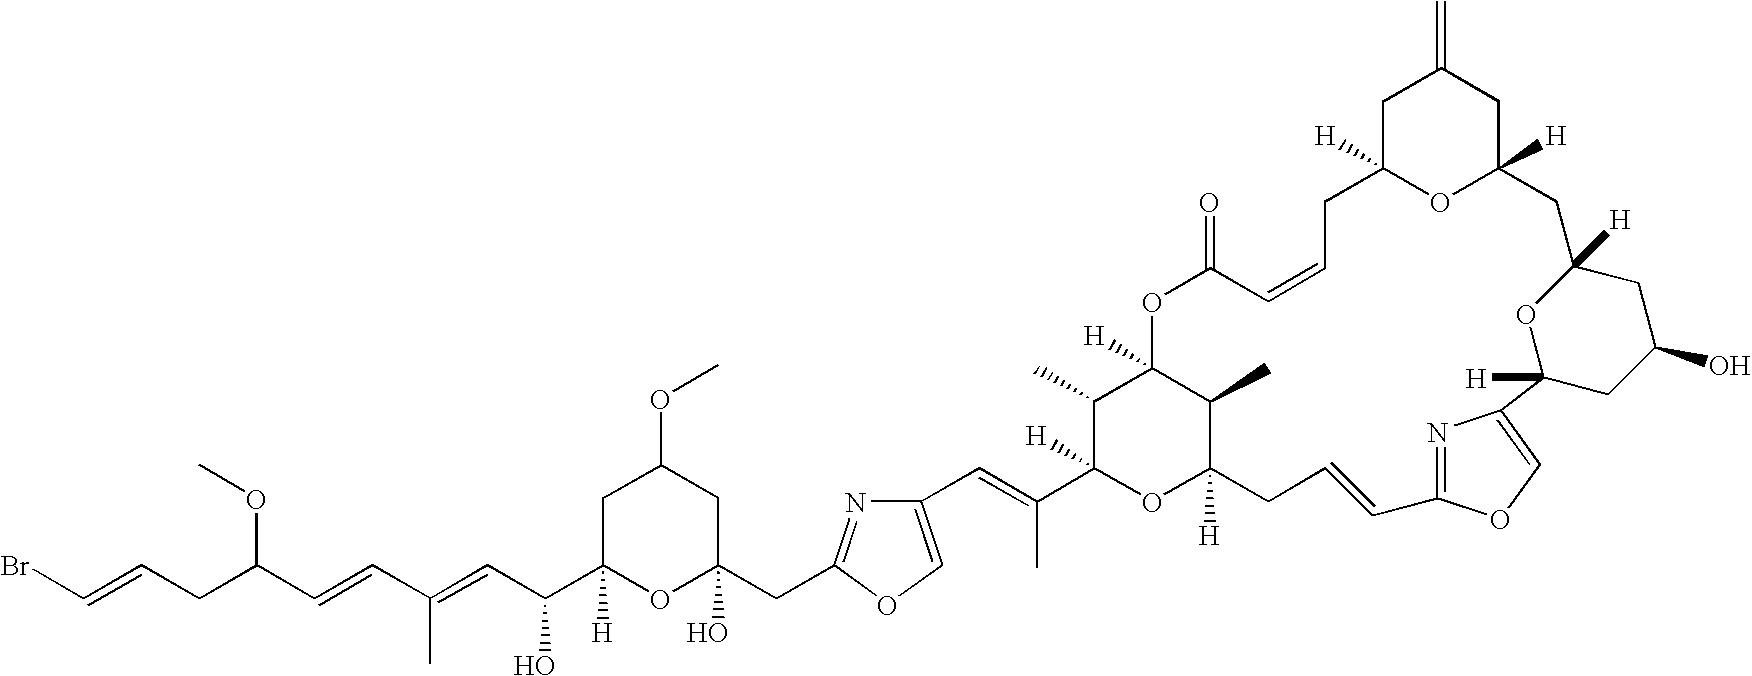 Figure US07173003-20070206-C00082